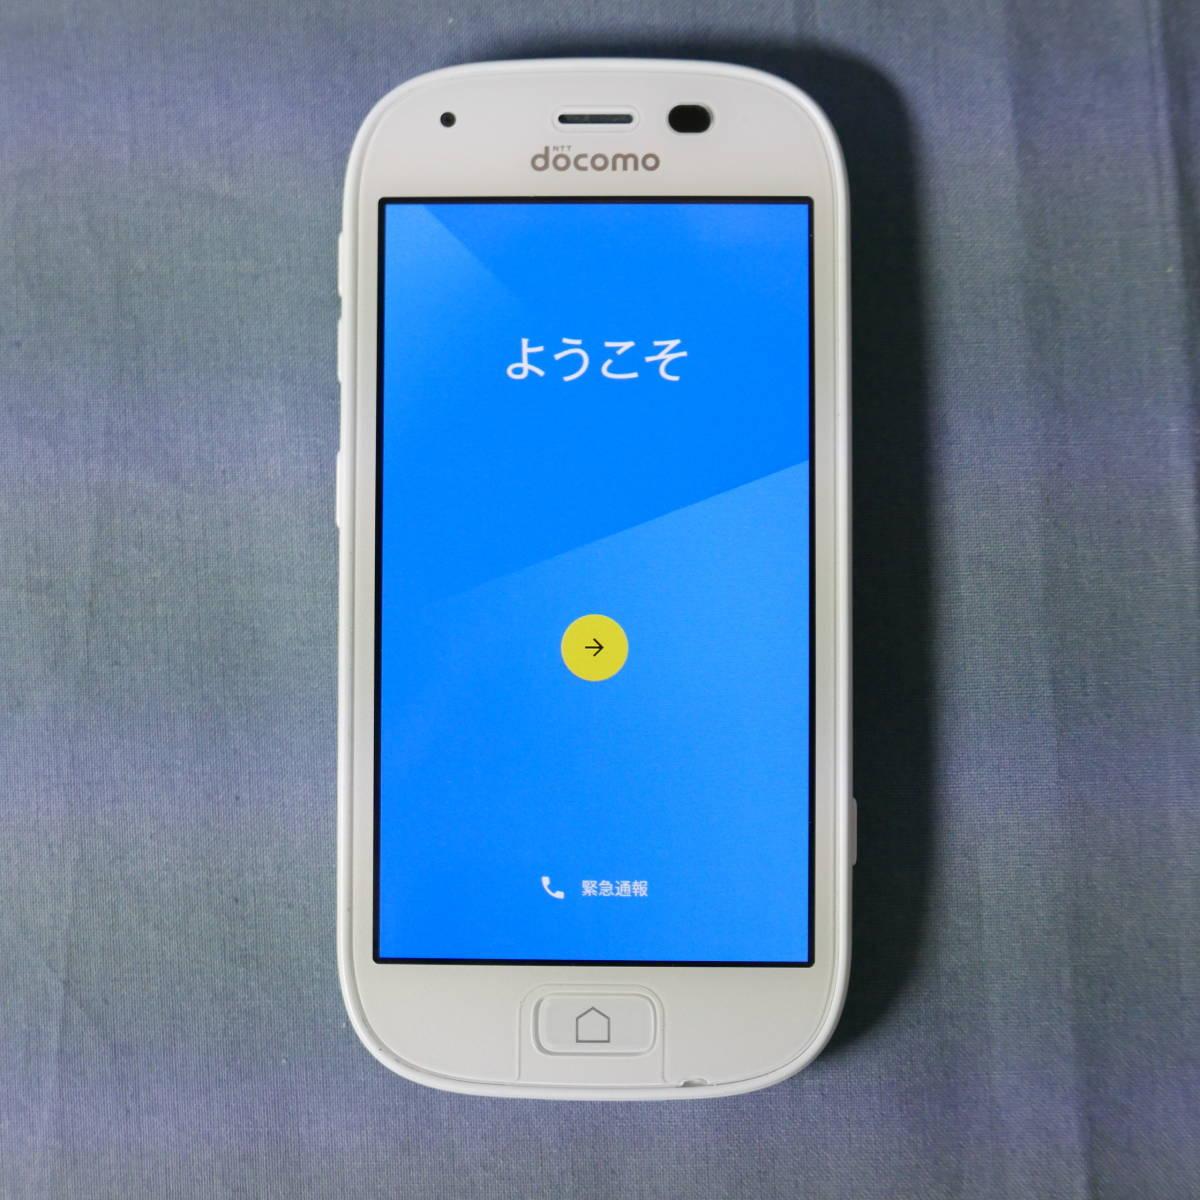 中古 美品 docomo ドコモ 富士通 らくらくスマートフォン4 F-04J ホワイト ネットワーク利用制限なし 残債なし 外箱説明書付き 1台